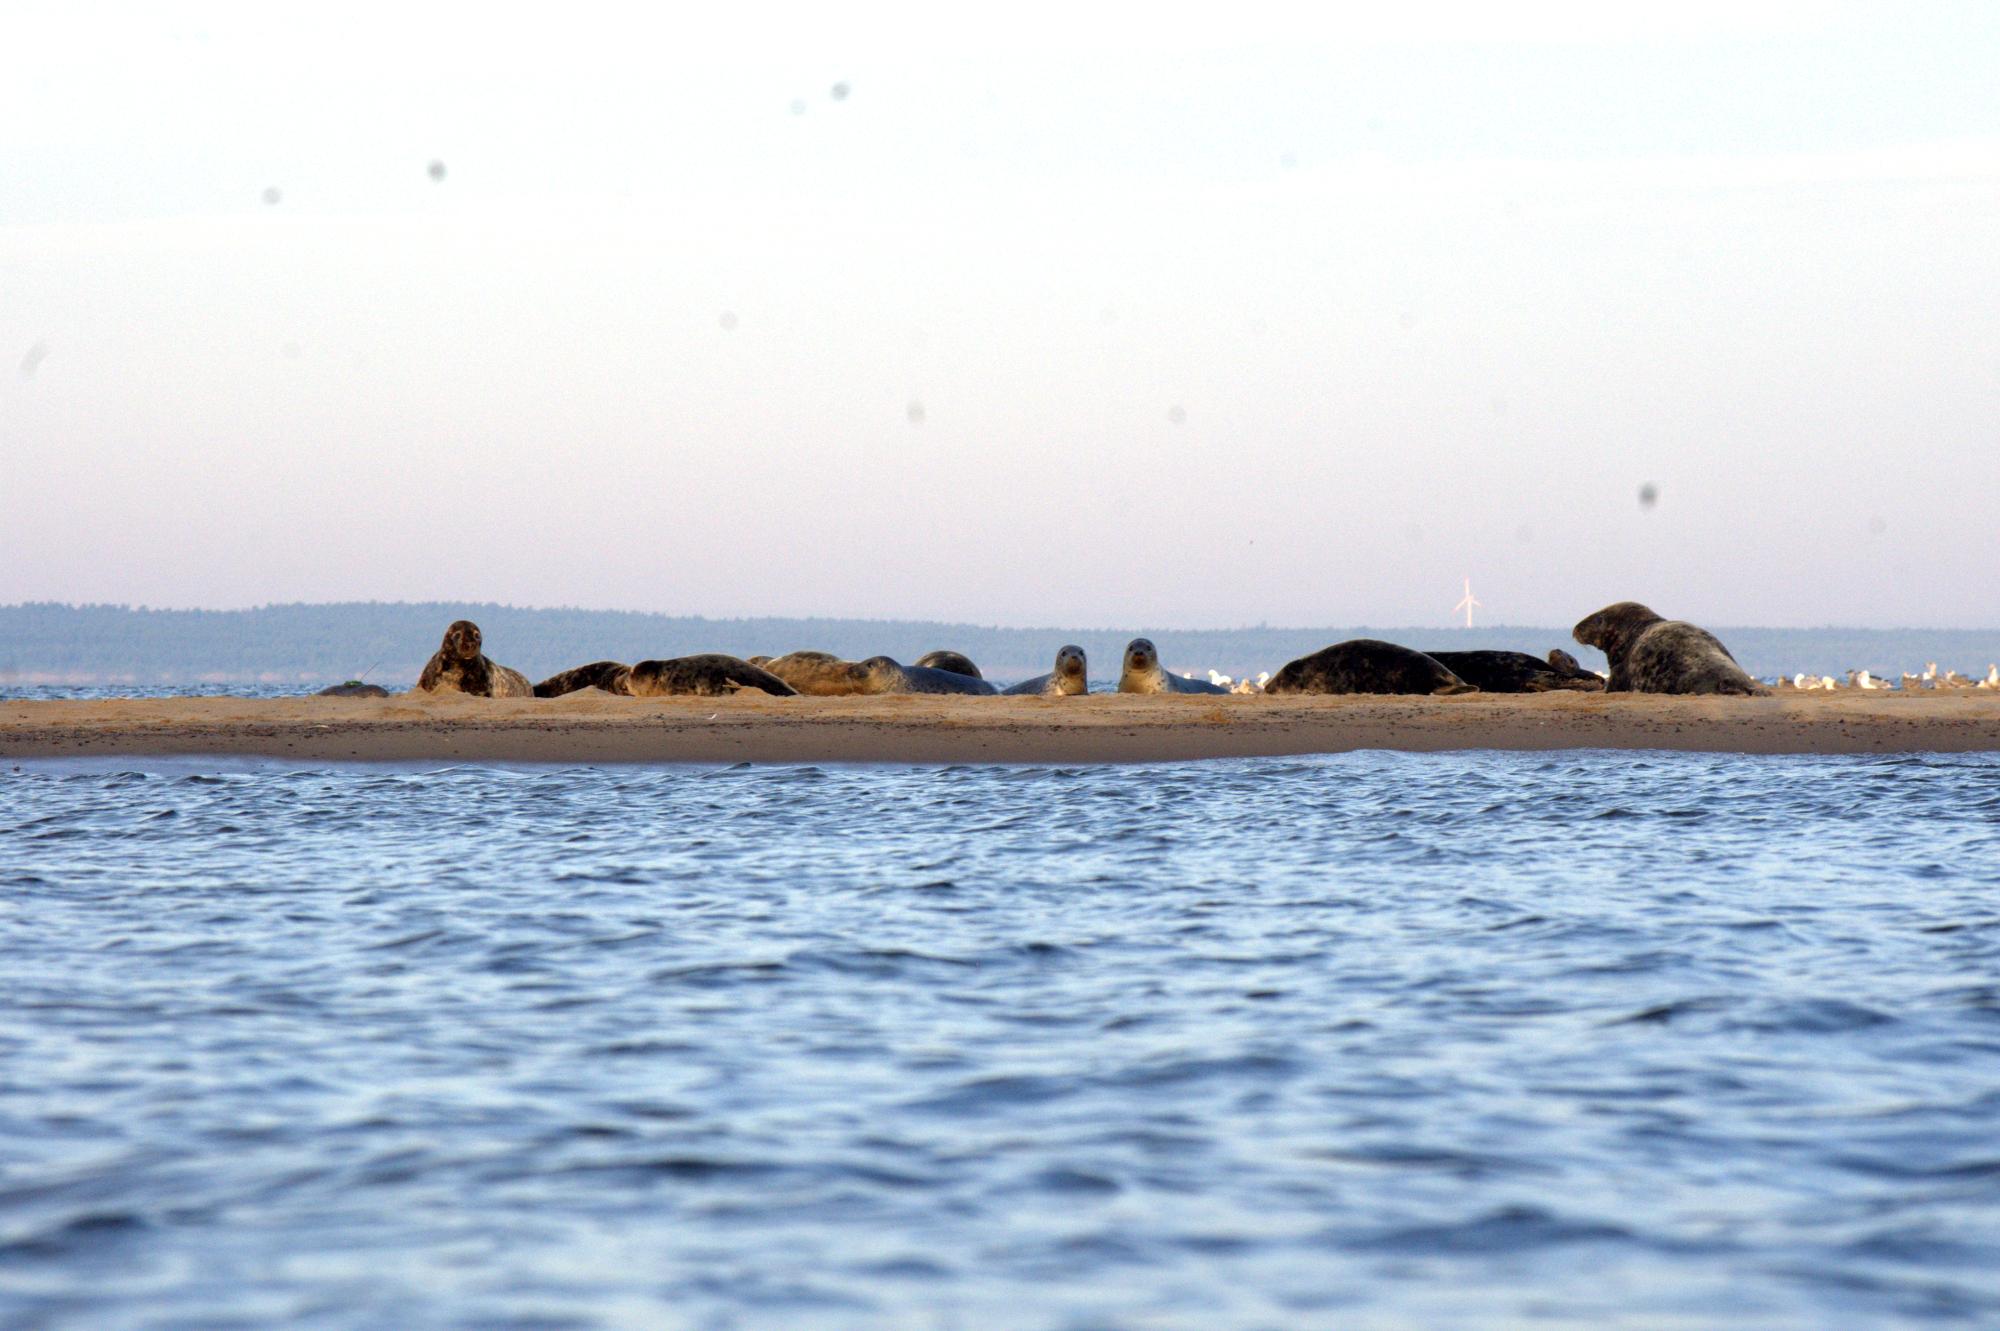 Aż 94 foki zauważono u ujścia Wisły. Fot. Mikołaj Zabyła